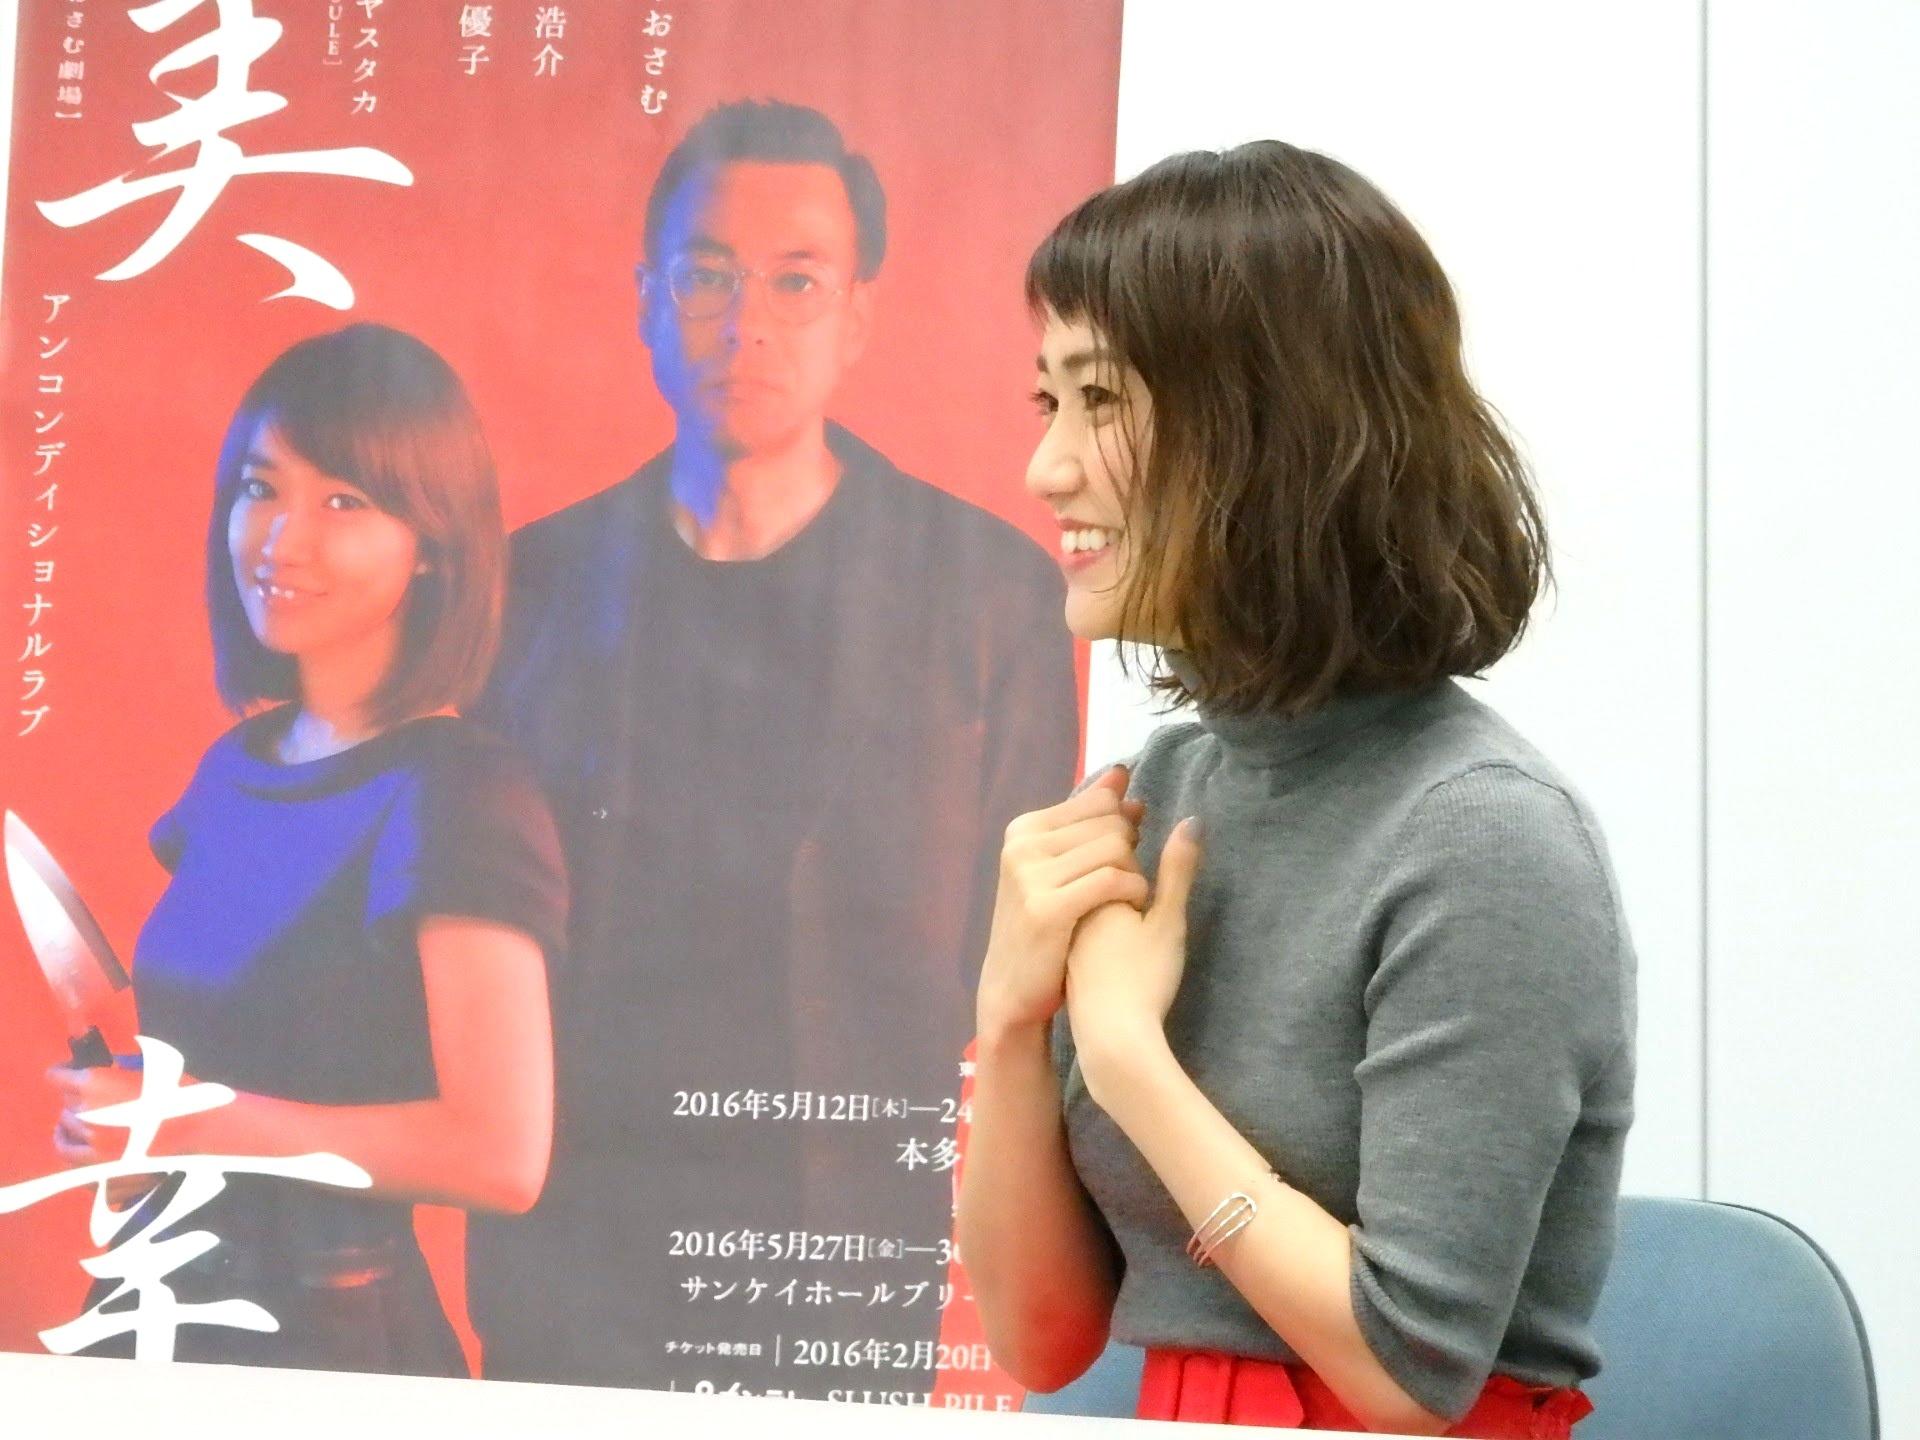 『美幸 ―アンコンディショナルラブ―』出演の大島優子